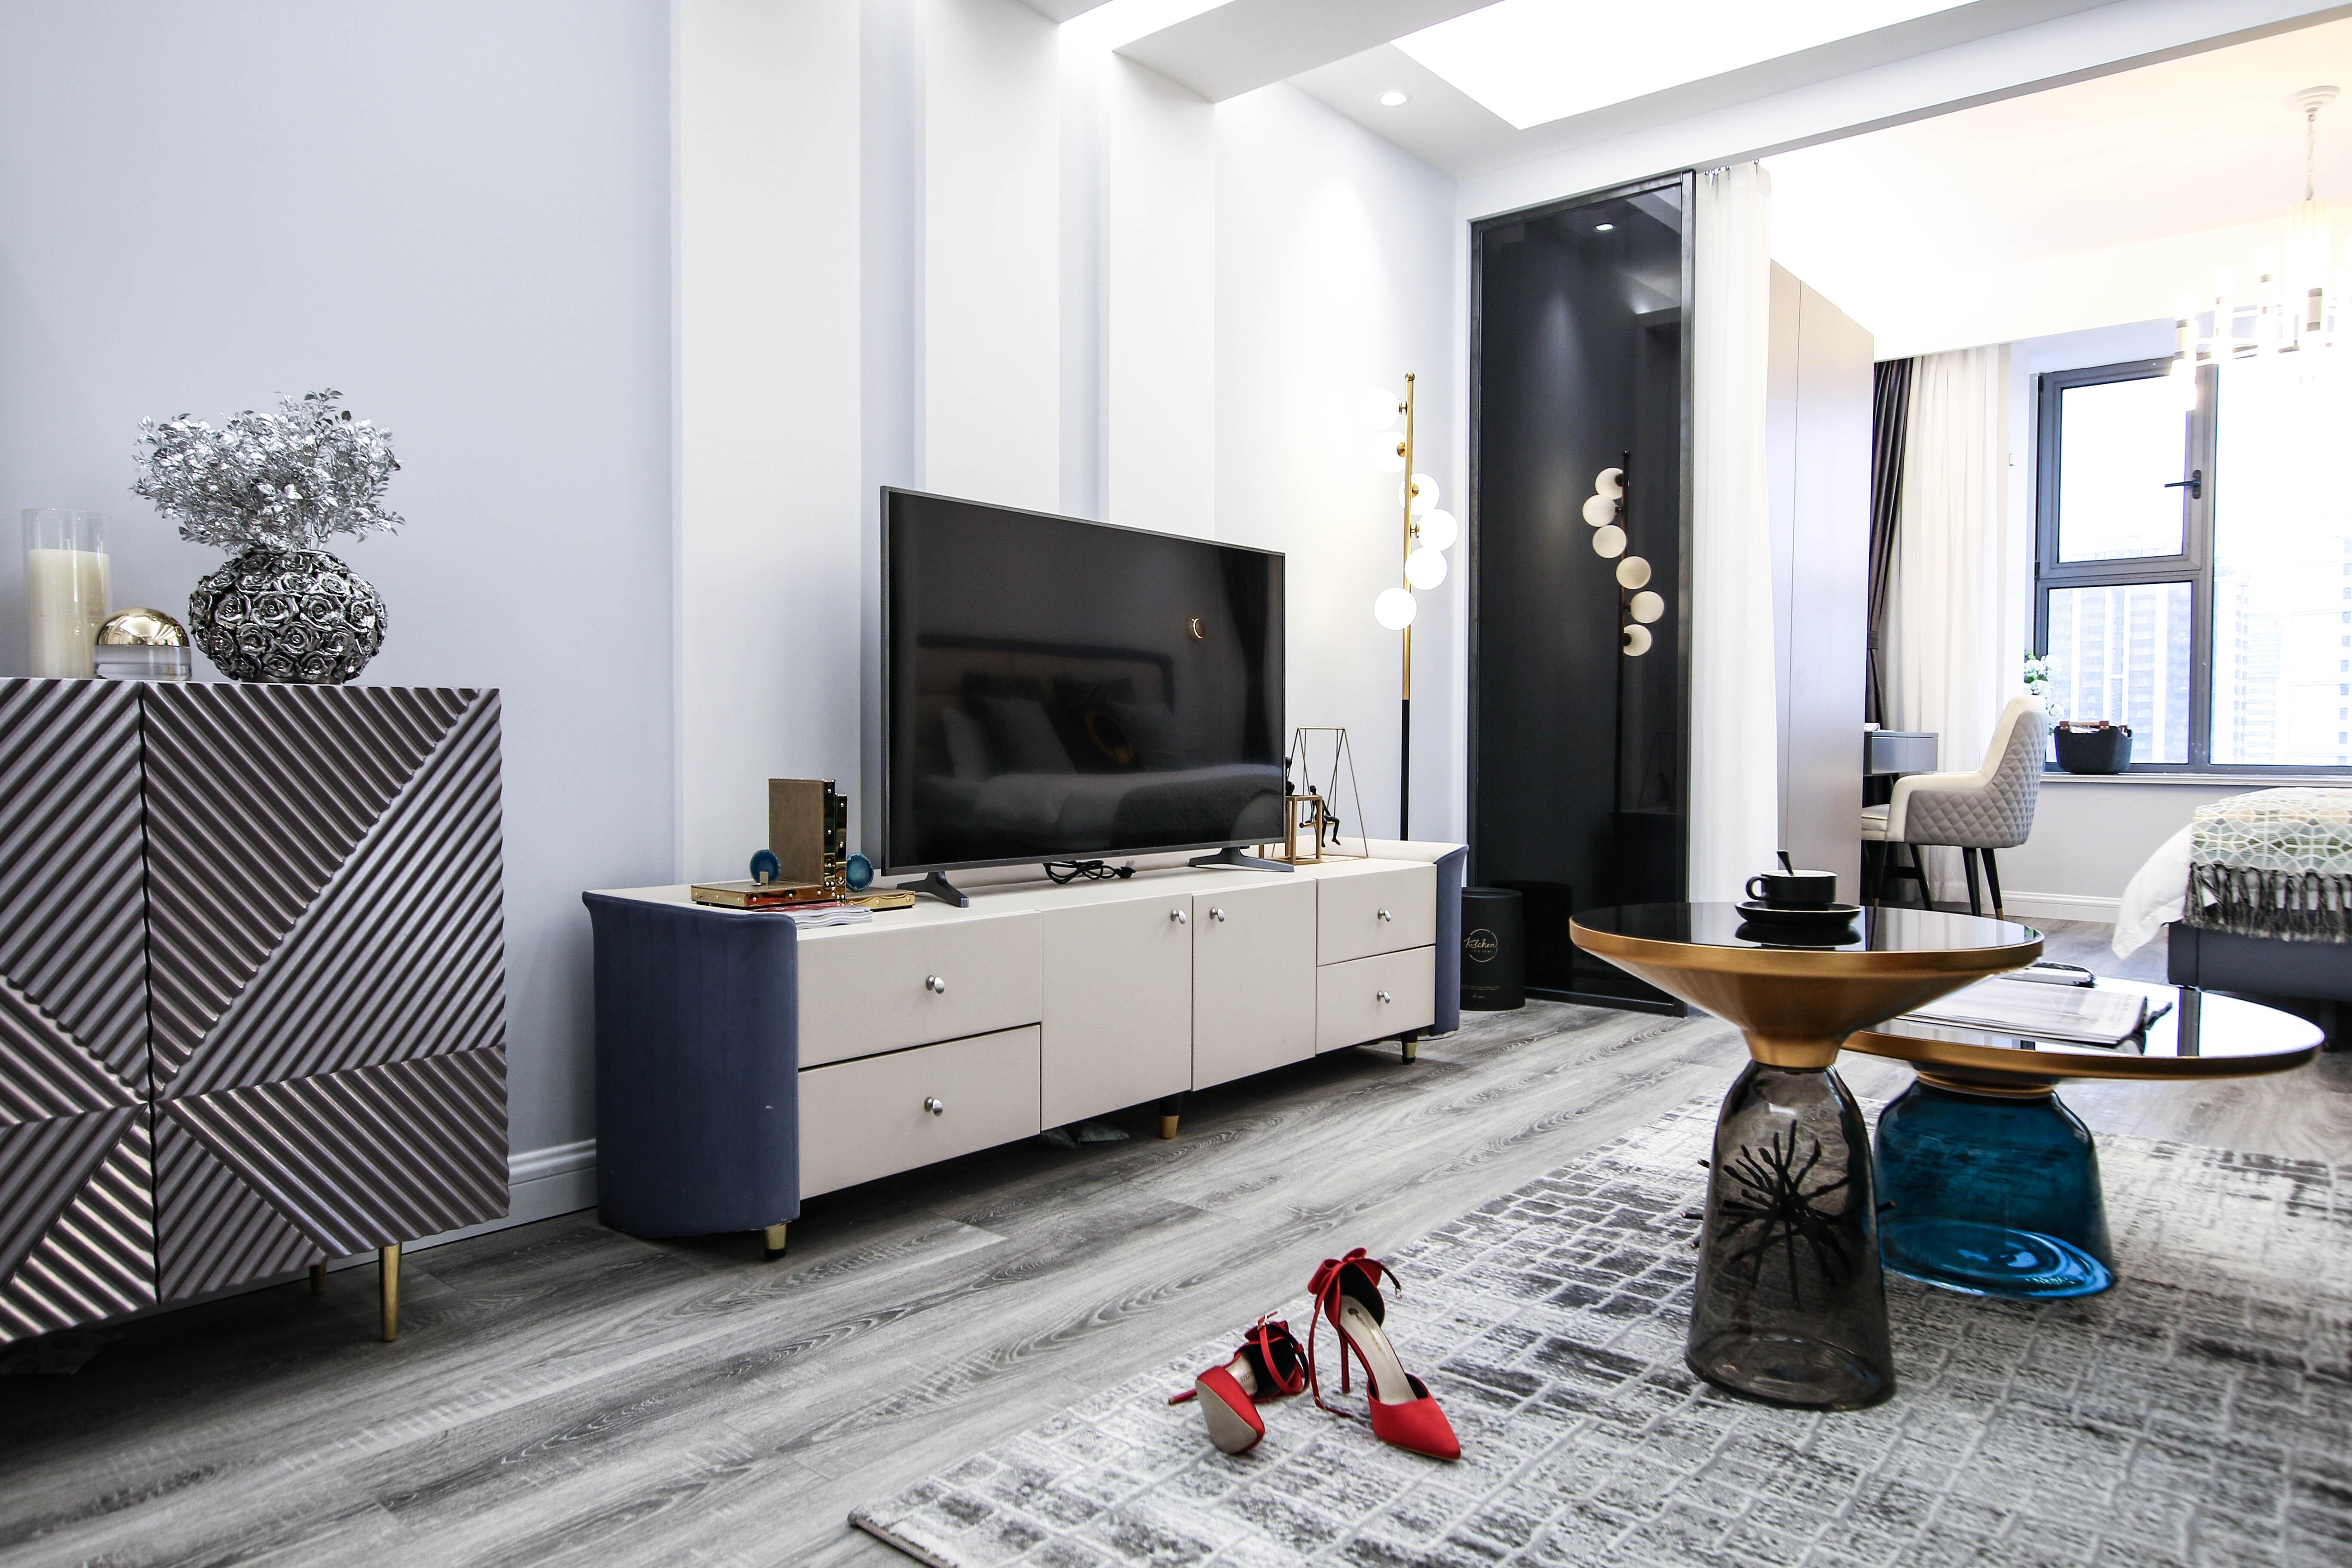 现代轻奢一居室电视背景墙装修效果图